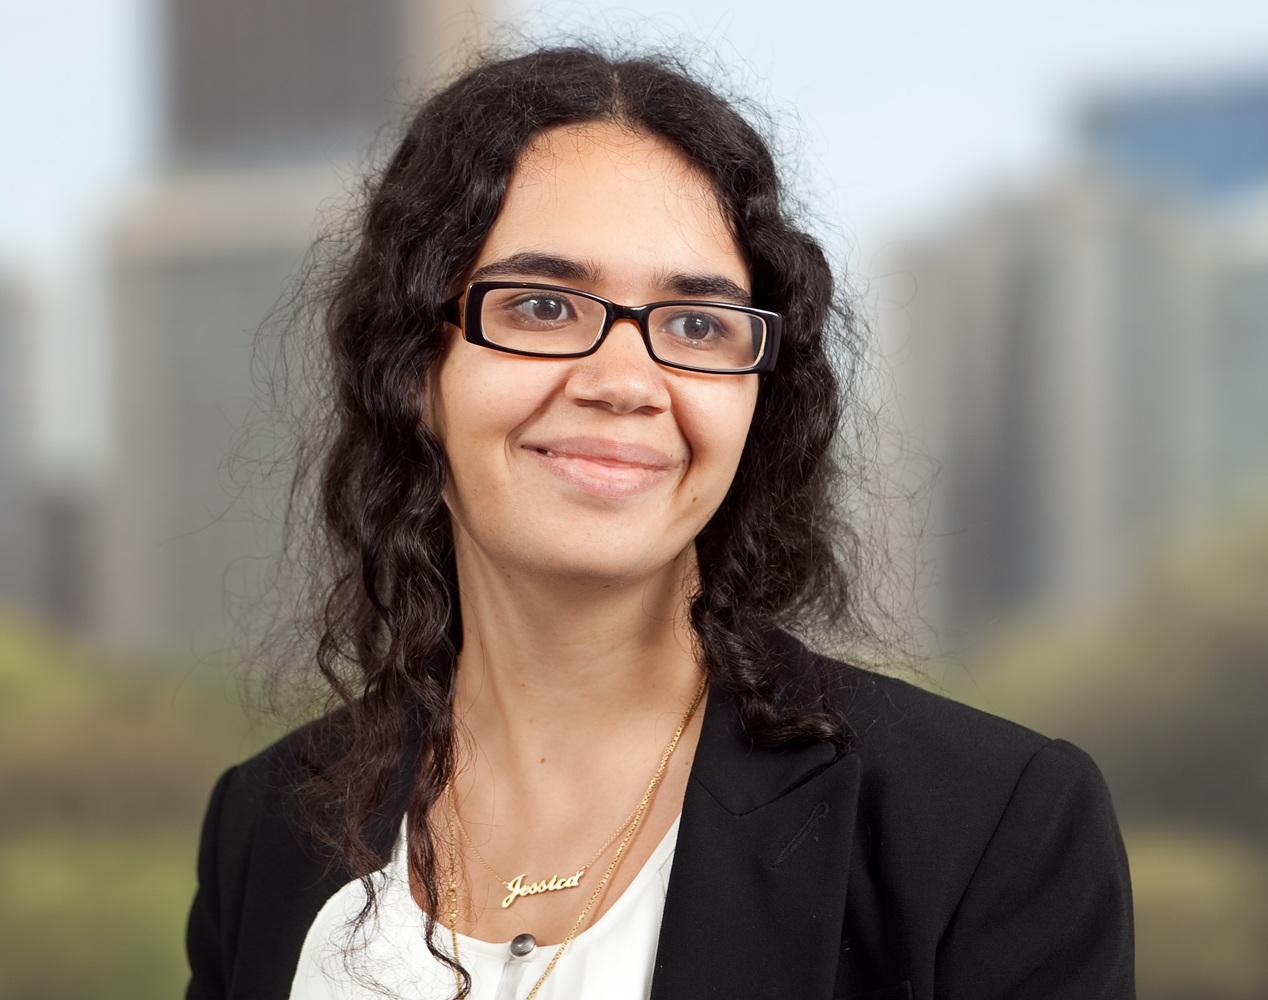 Deloitte - Jessica Mizrahi